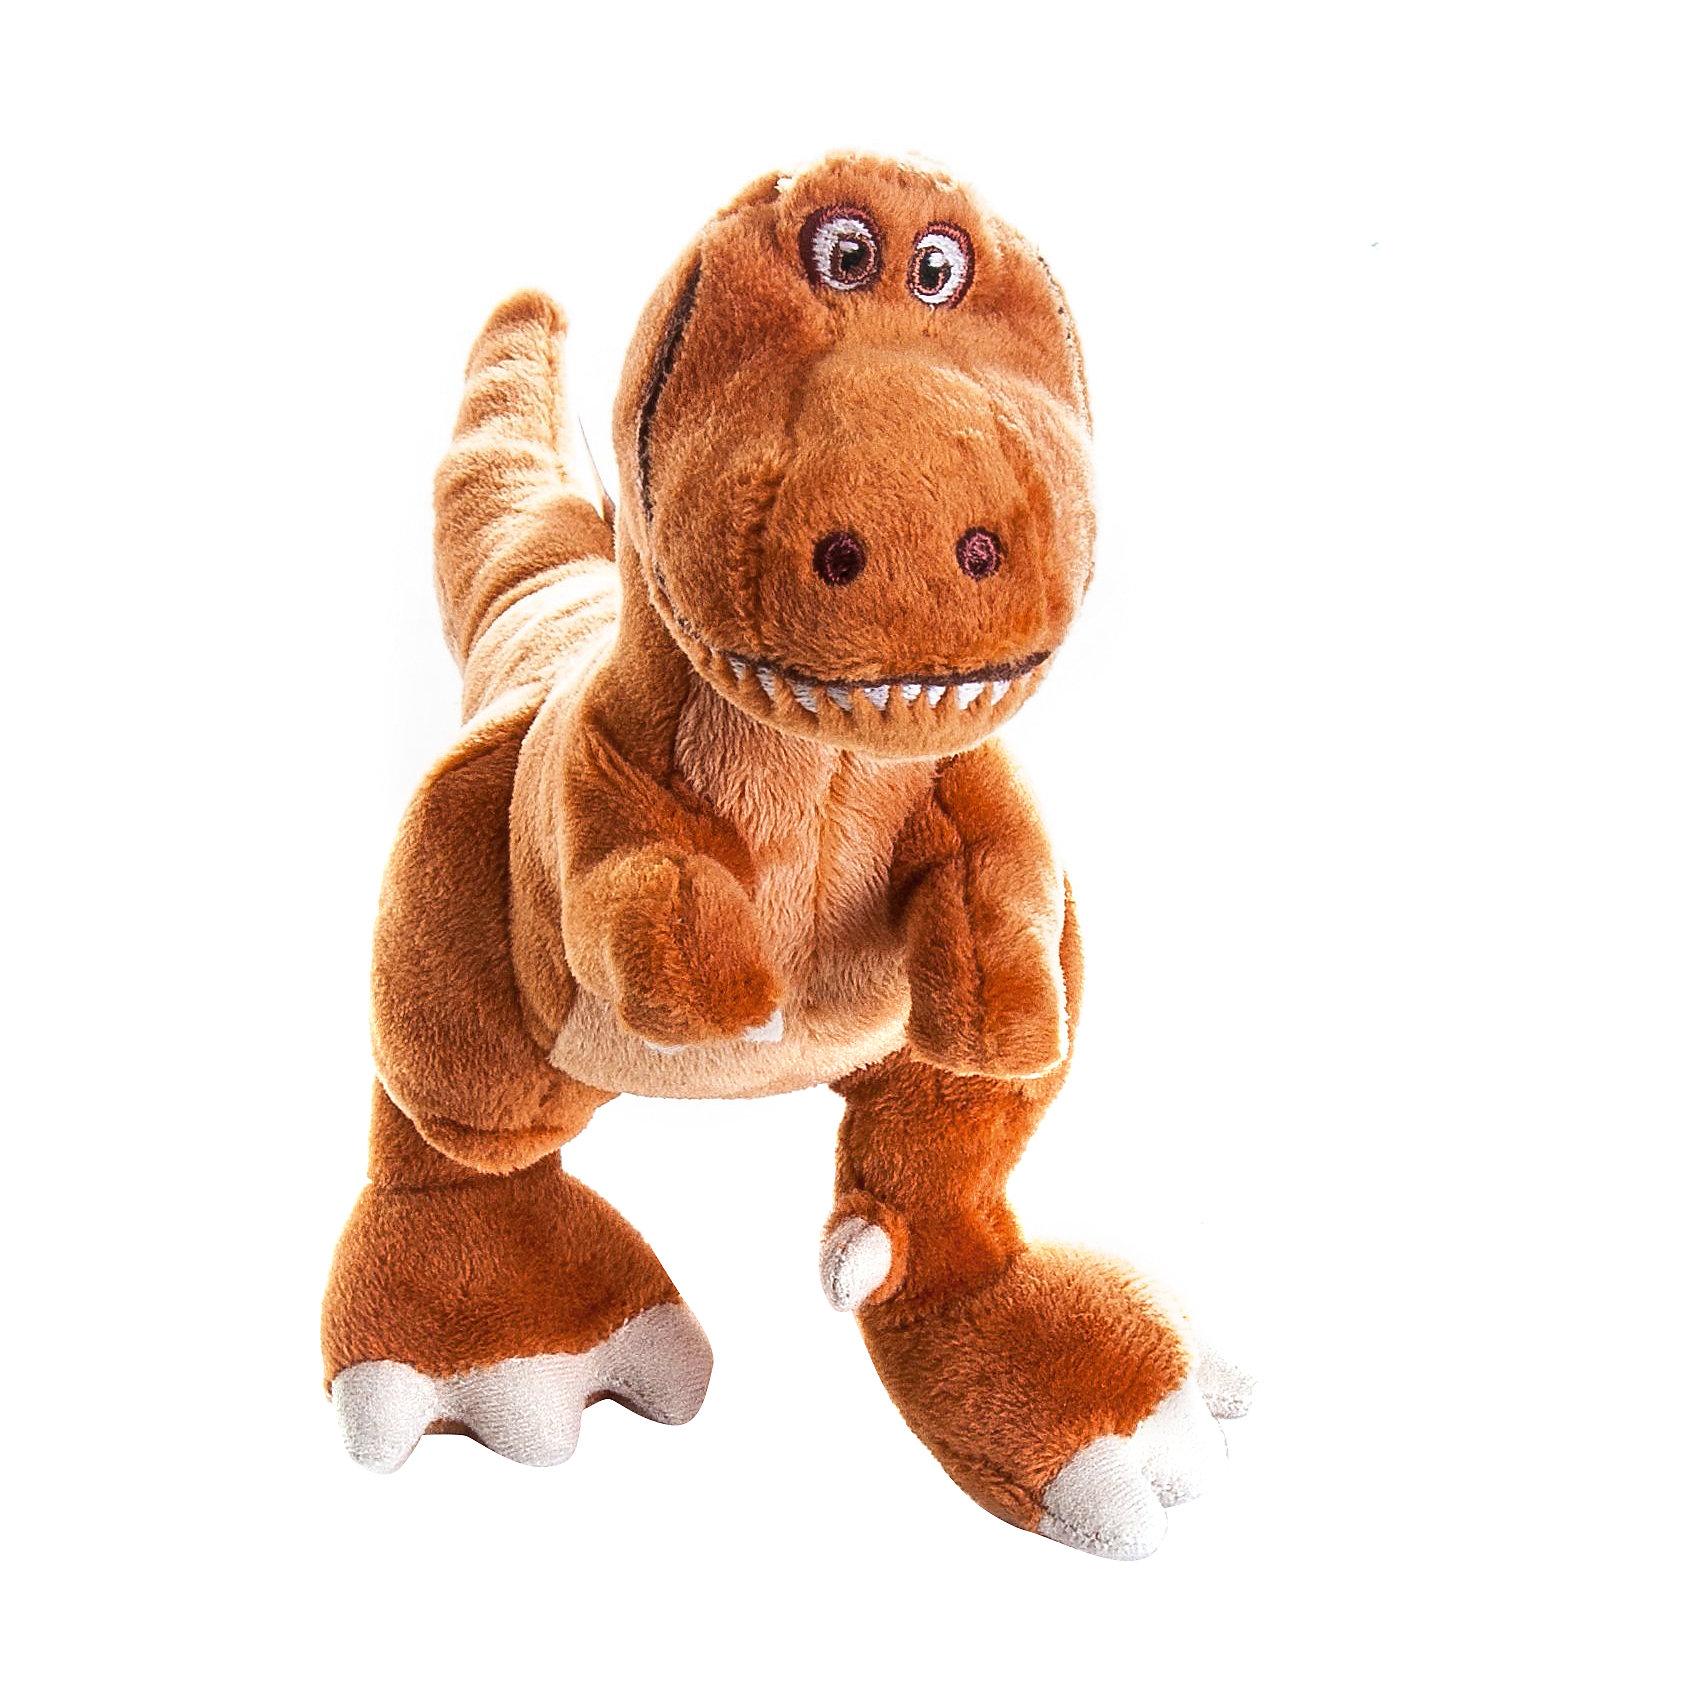 Мягкая игрушка  Ремси, 17 см, Хороший динозаврЗабавный динозаврик Ремси  - оригинальная мягкая игрушка, которая станет приятным сюрпризом для детей любого возраста. Игрушка выполнена по мотивам нового диснеевского мультфильма Хороший динозавр (The Good Dinosaur) и внешне очень похожа на своего экранного персонажа. Ремси - девочка-тираннозавр, жизнерадостная, смелая и находчивая. У нее коричневая шерстка, длинный хвост, большие когтистые лапы и веселая мордочка. Игрушка очень мягкая и приятная на ощупь, изготовлена из качественных экологичных материалов и совершенно безопасна для детского здоровья. Способствует развитию фантазии и воображения, тренирует тактильное и визуальное восприятие.<br><br>Дополнительная информация:<br><br>- Материал: плюш, синтепон.<br>- Высота игрушки: 17 см.<br>- Размер упаковки: 20 х 7 х 8 см.<br>- Вес: 90 гр.<br><br>Мягкую игрушку Ремси, Хороший динозавр, можно купить в нашем интернет-магазине.<br><br>Ширина мм: 80<br>Глубина мм: 200<br>Высота мм: 70<br>Вес г: 83<br>Возраст от месяцев: 36<br>Возраст до месяцев: 192<br>Пол: Унисекс<br>Возраст: Детский<br>SKU: 4302506